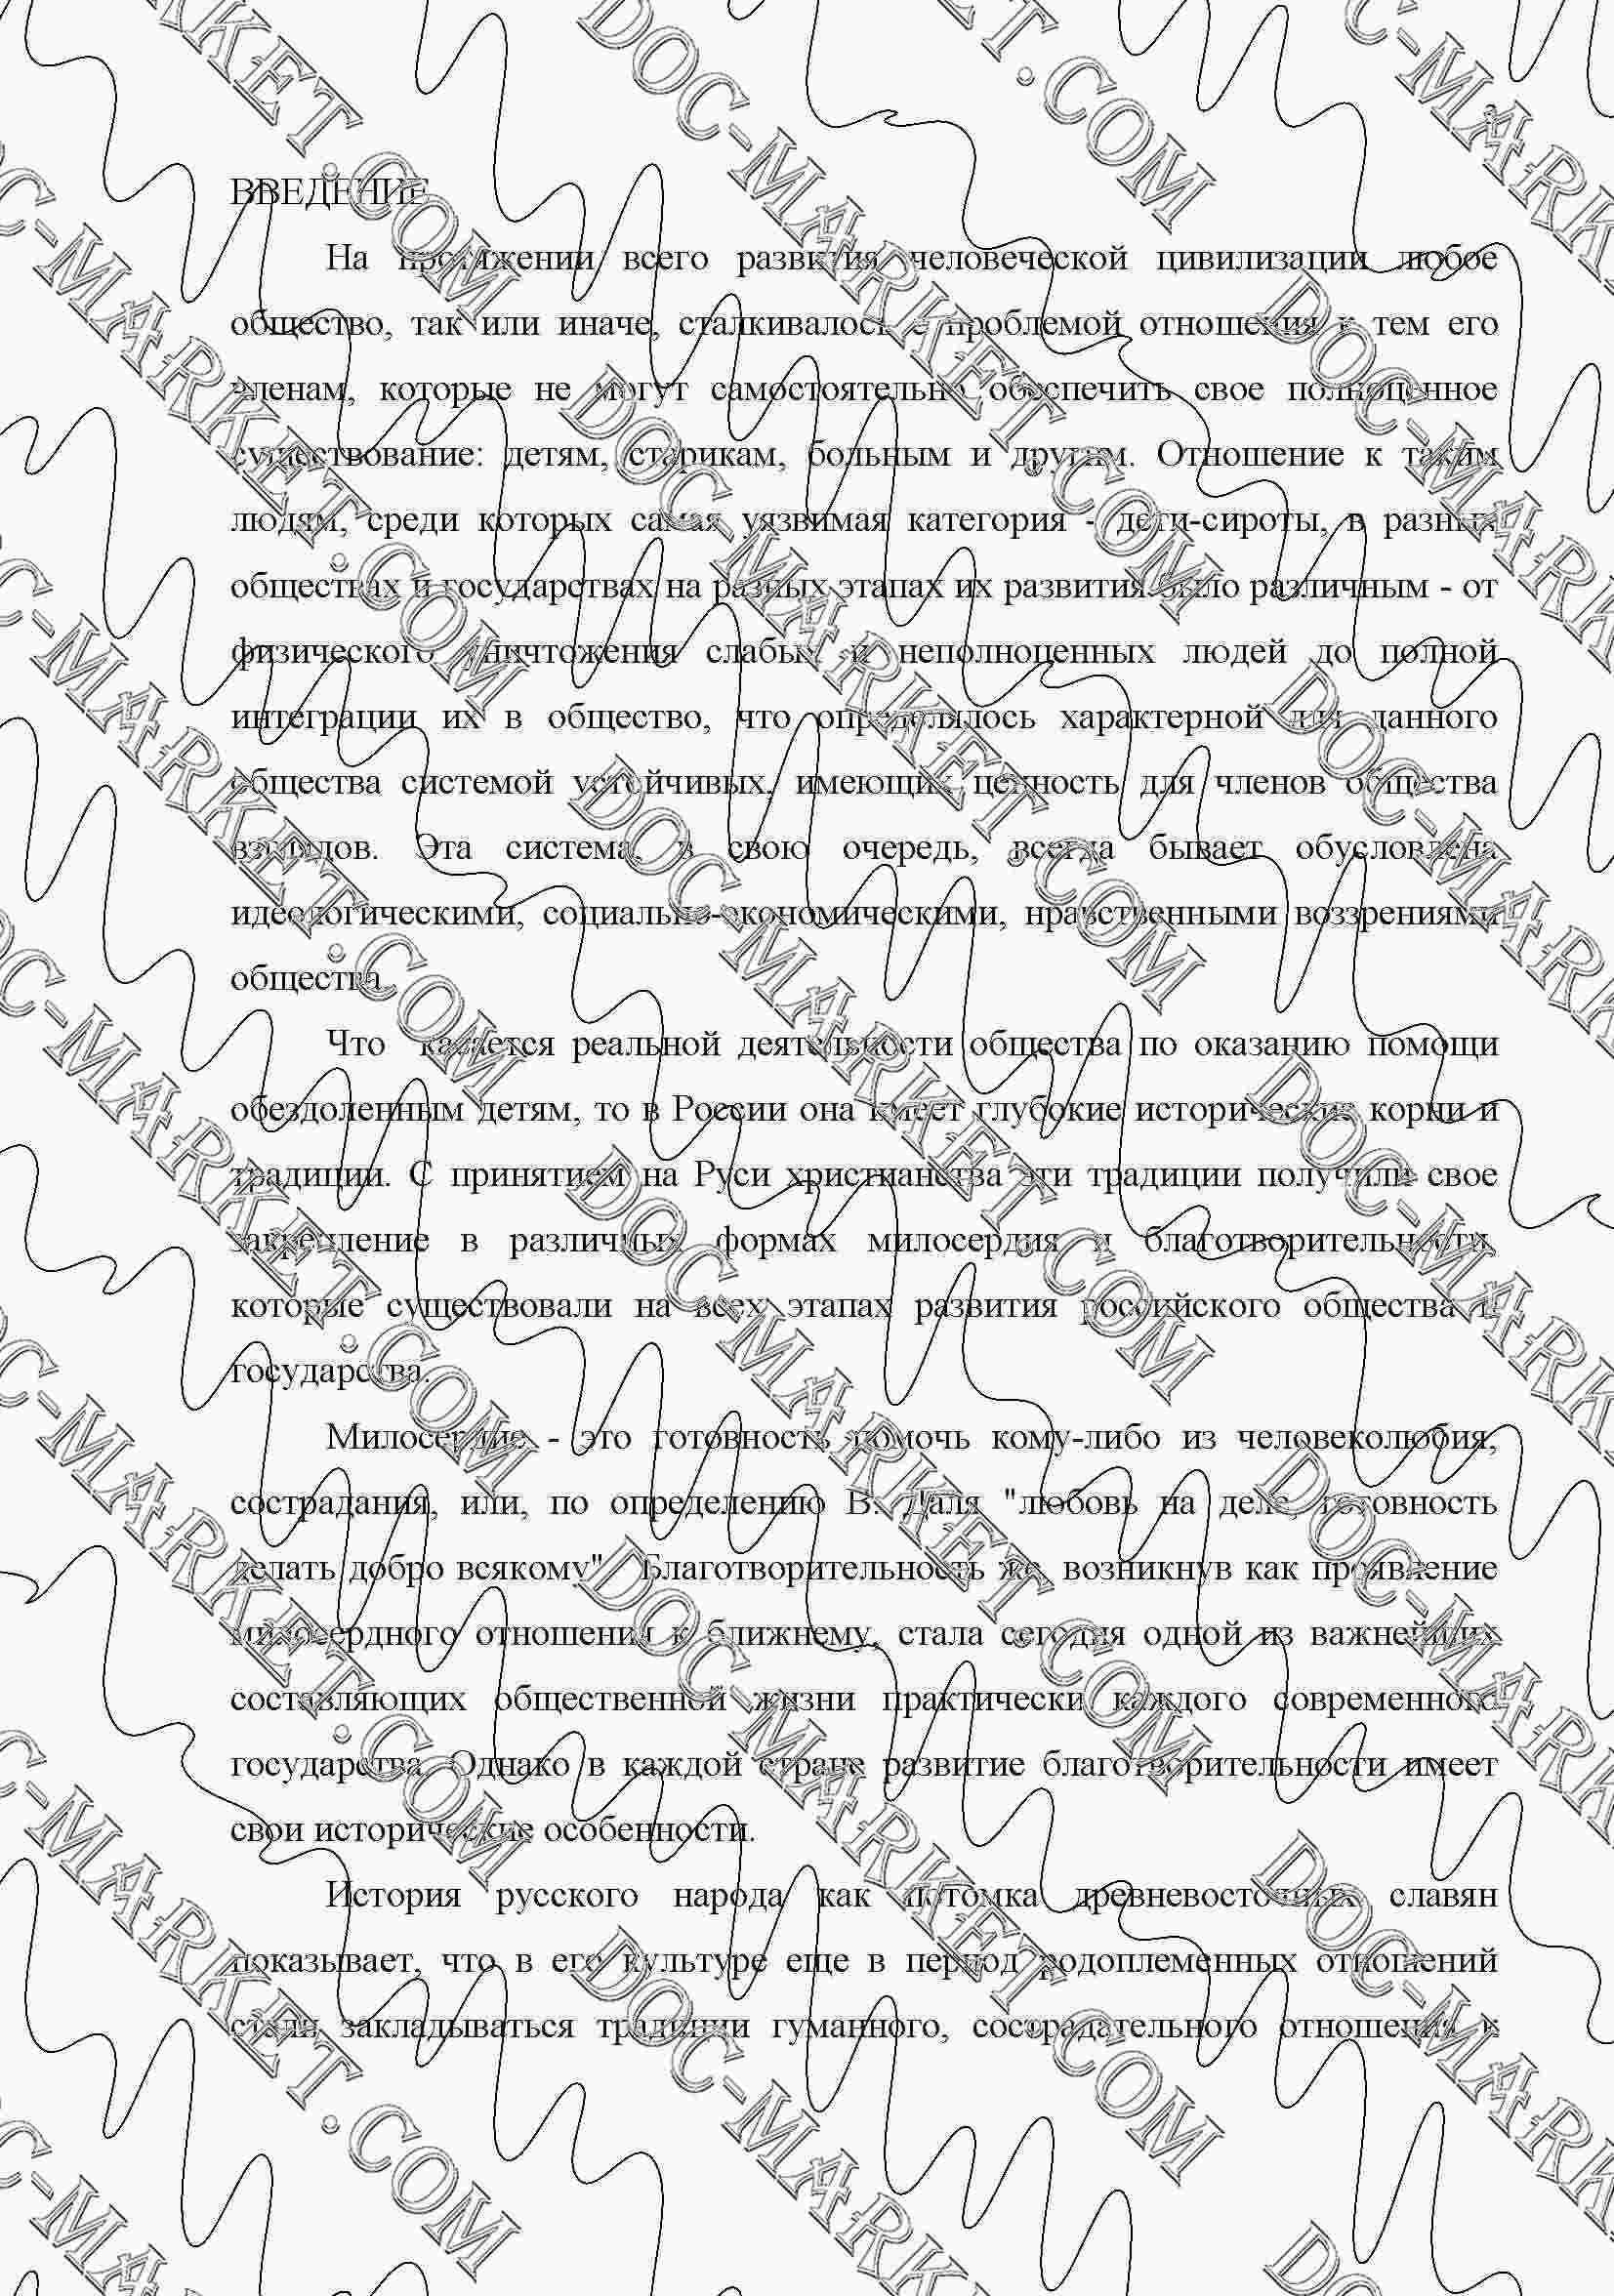 Политическая Мысль Античности И Средневековья. Реферат